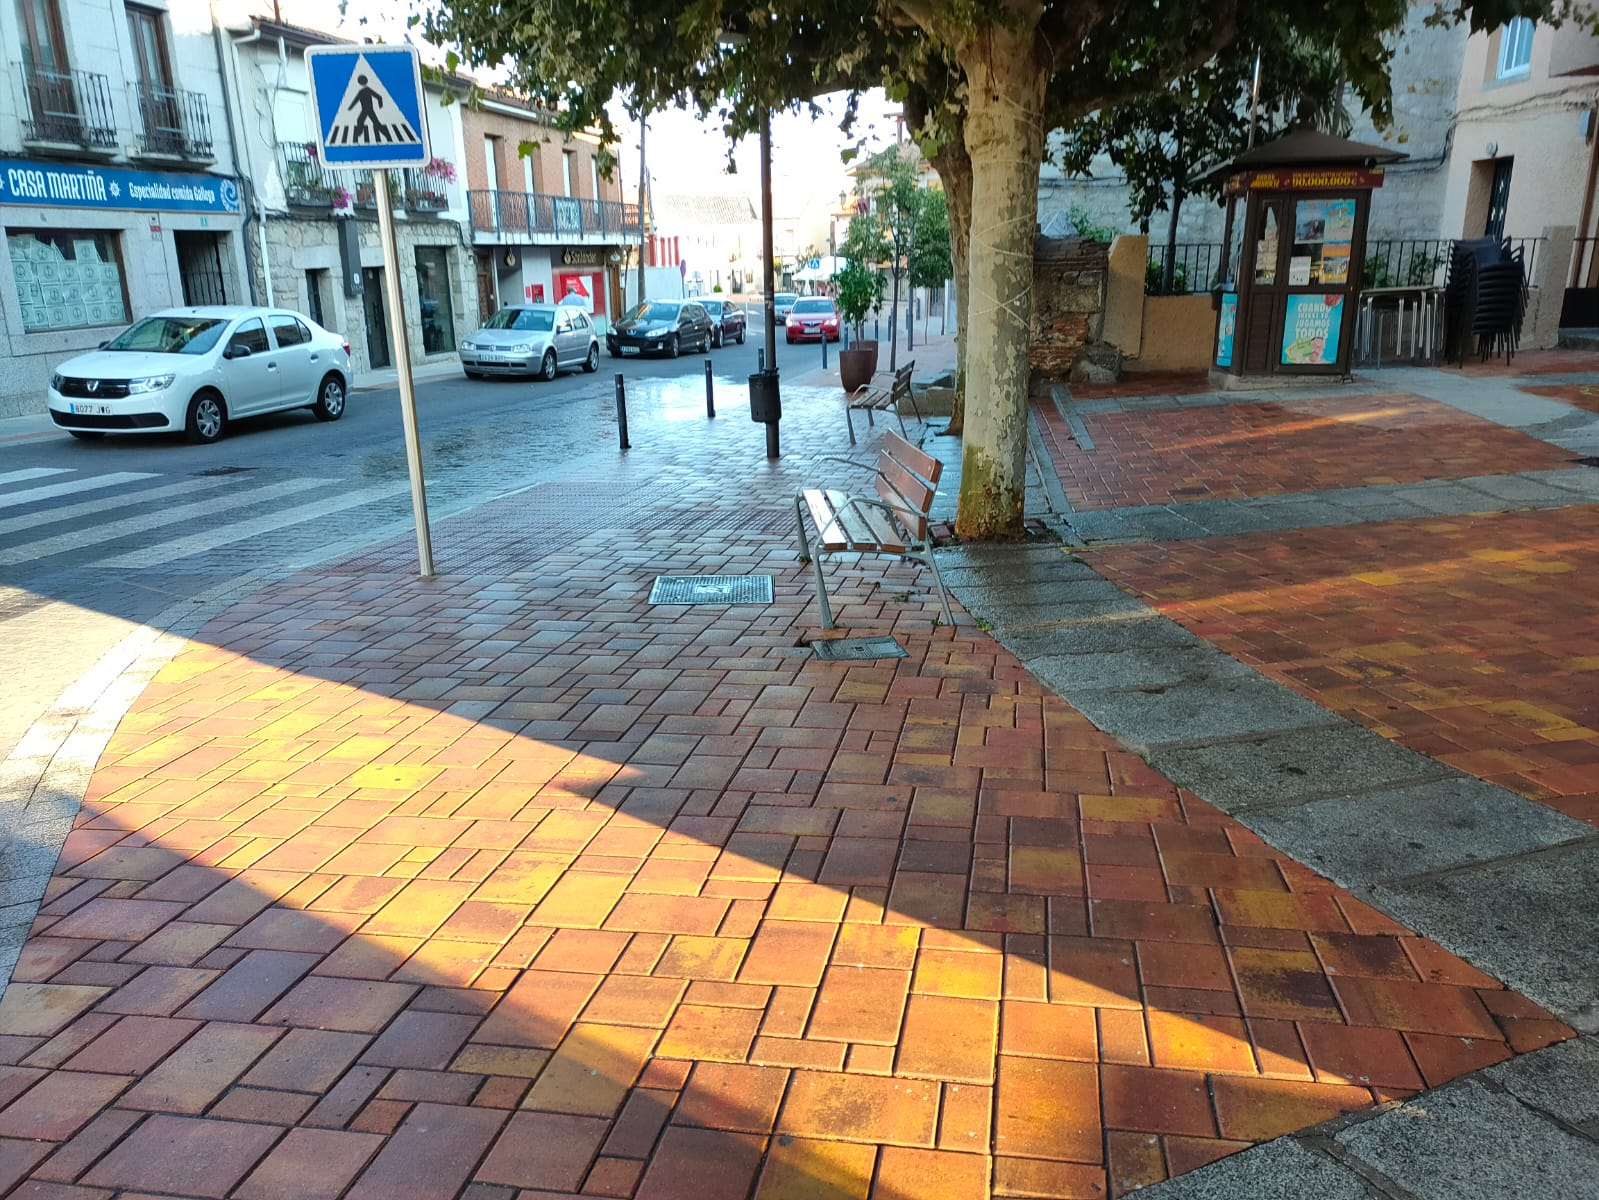 La concejalía de Limpieza y Servicios impulsa una acción intensiva para mantener calles y plazas libres de excrementos de palomas y otras aves